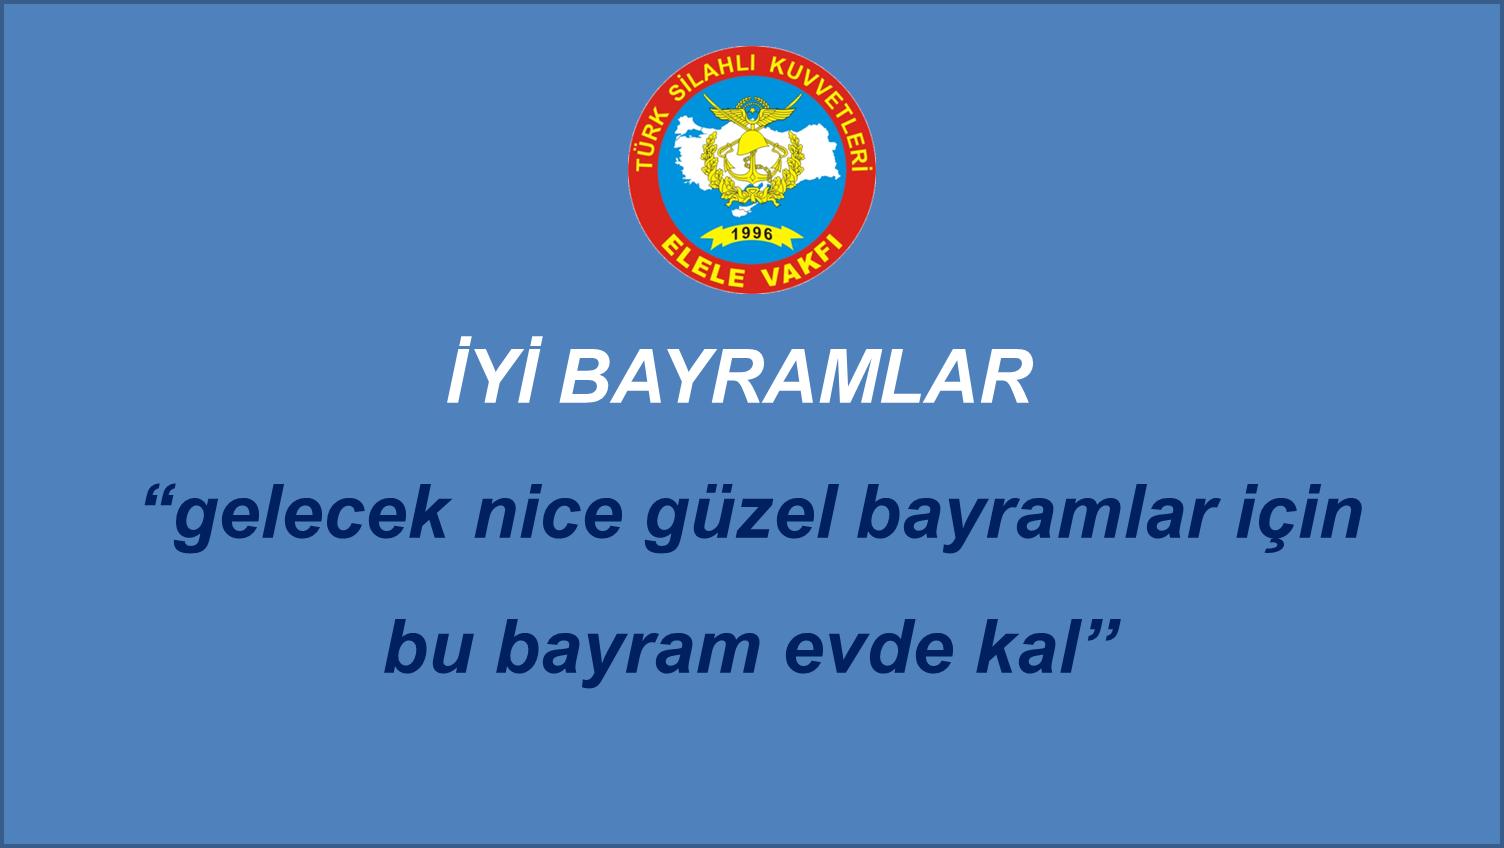 bayram2020